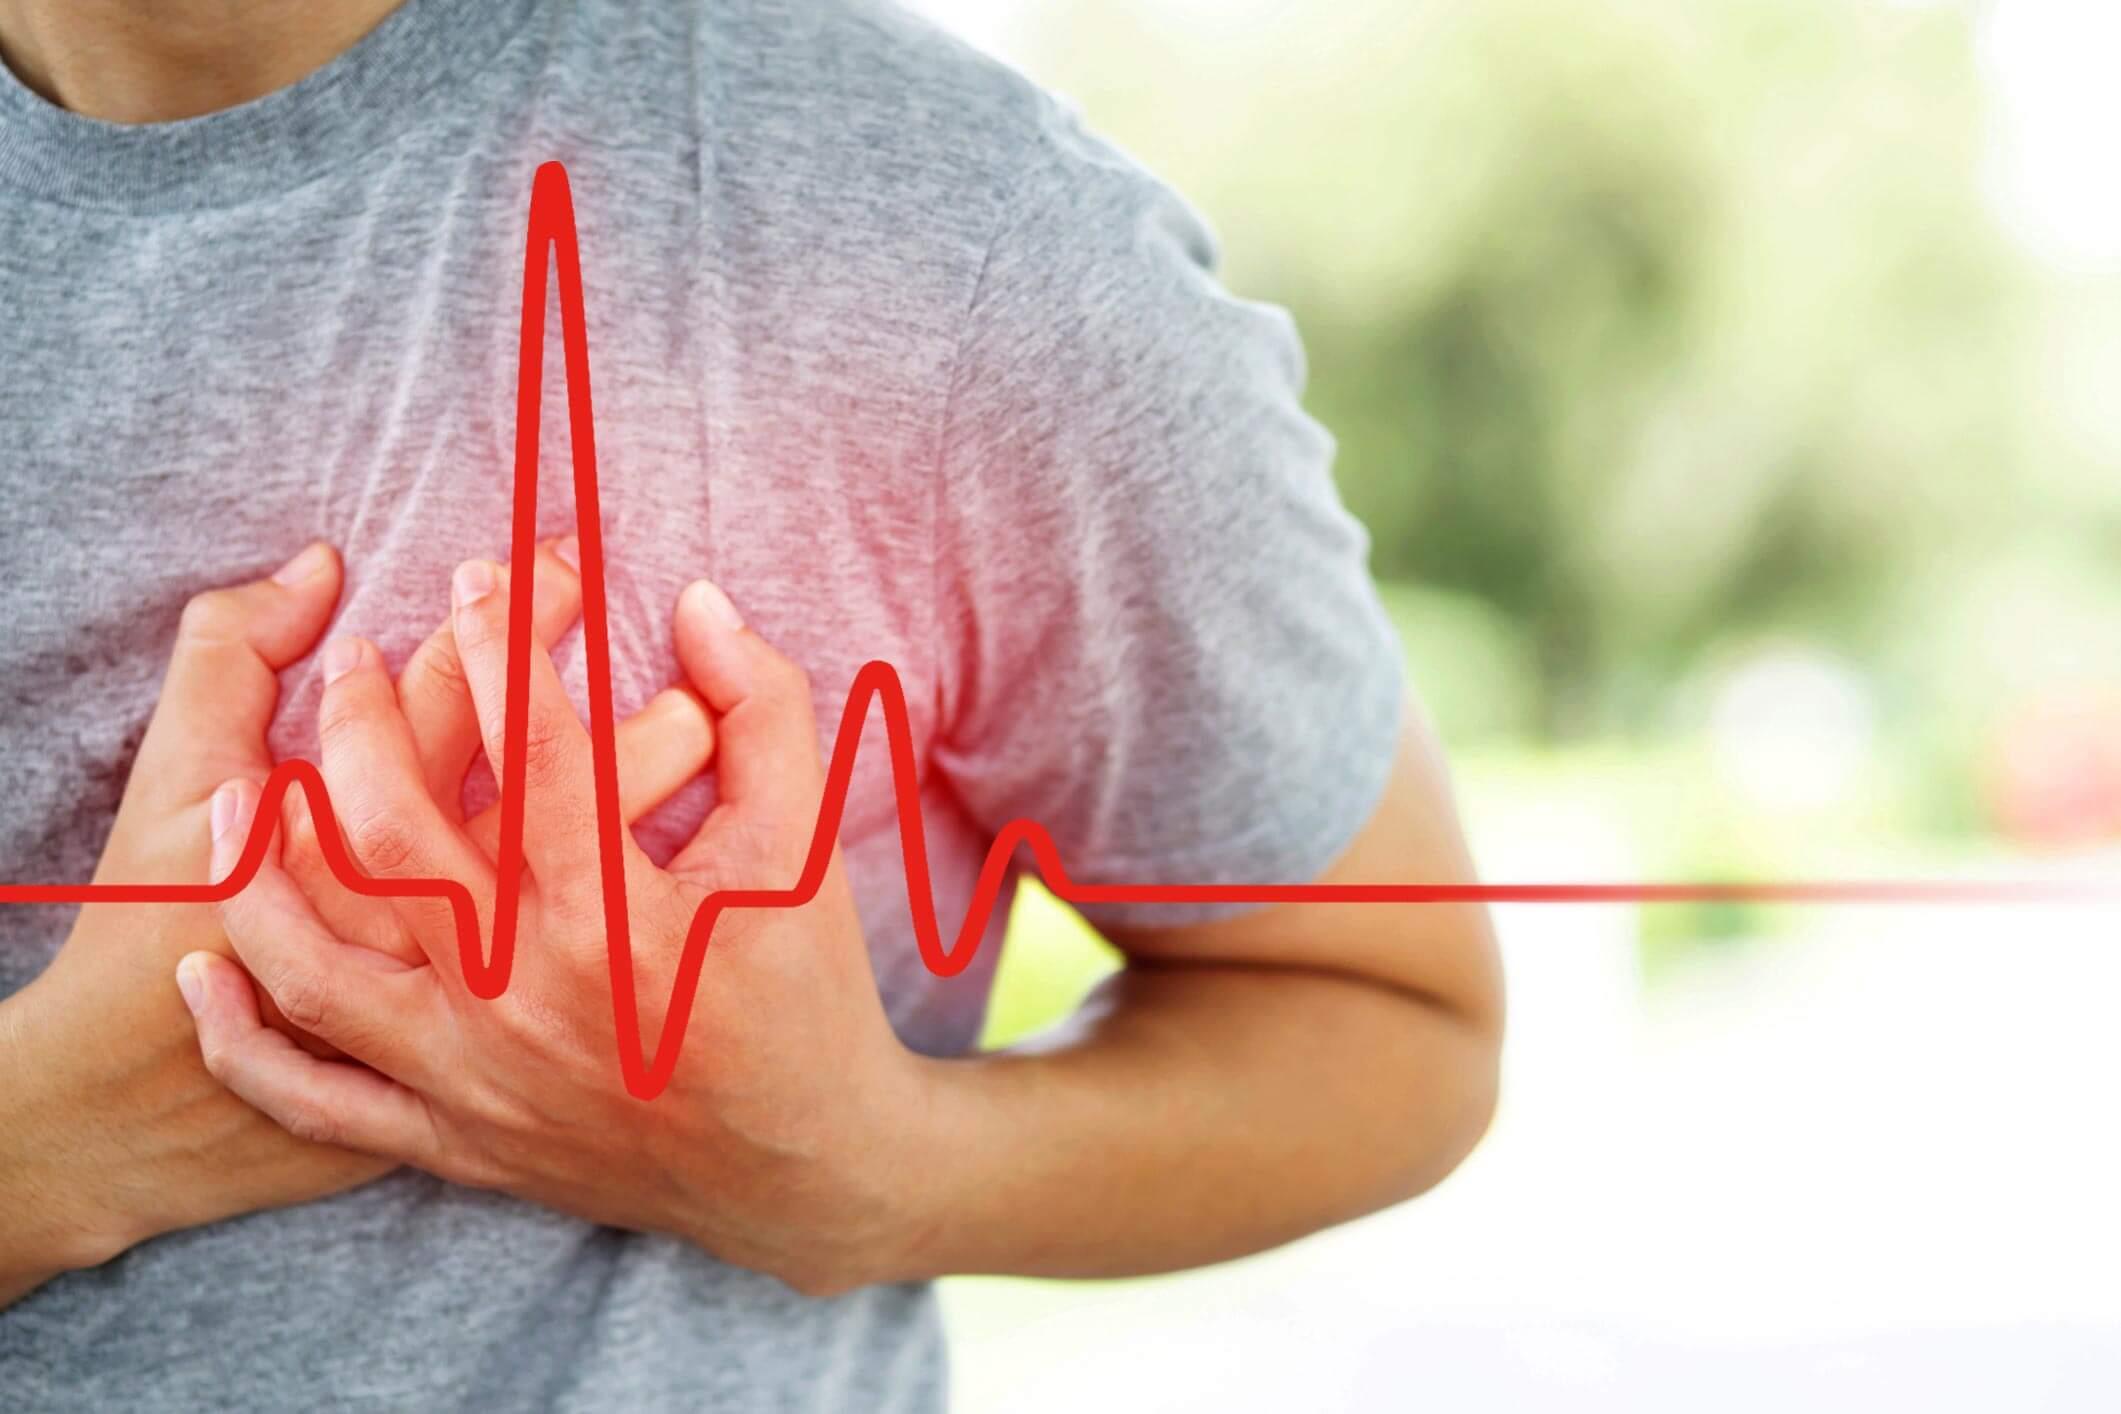 Enfermedades graves y coberturas de seguros de salud